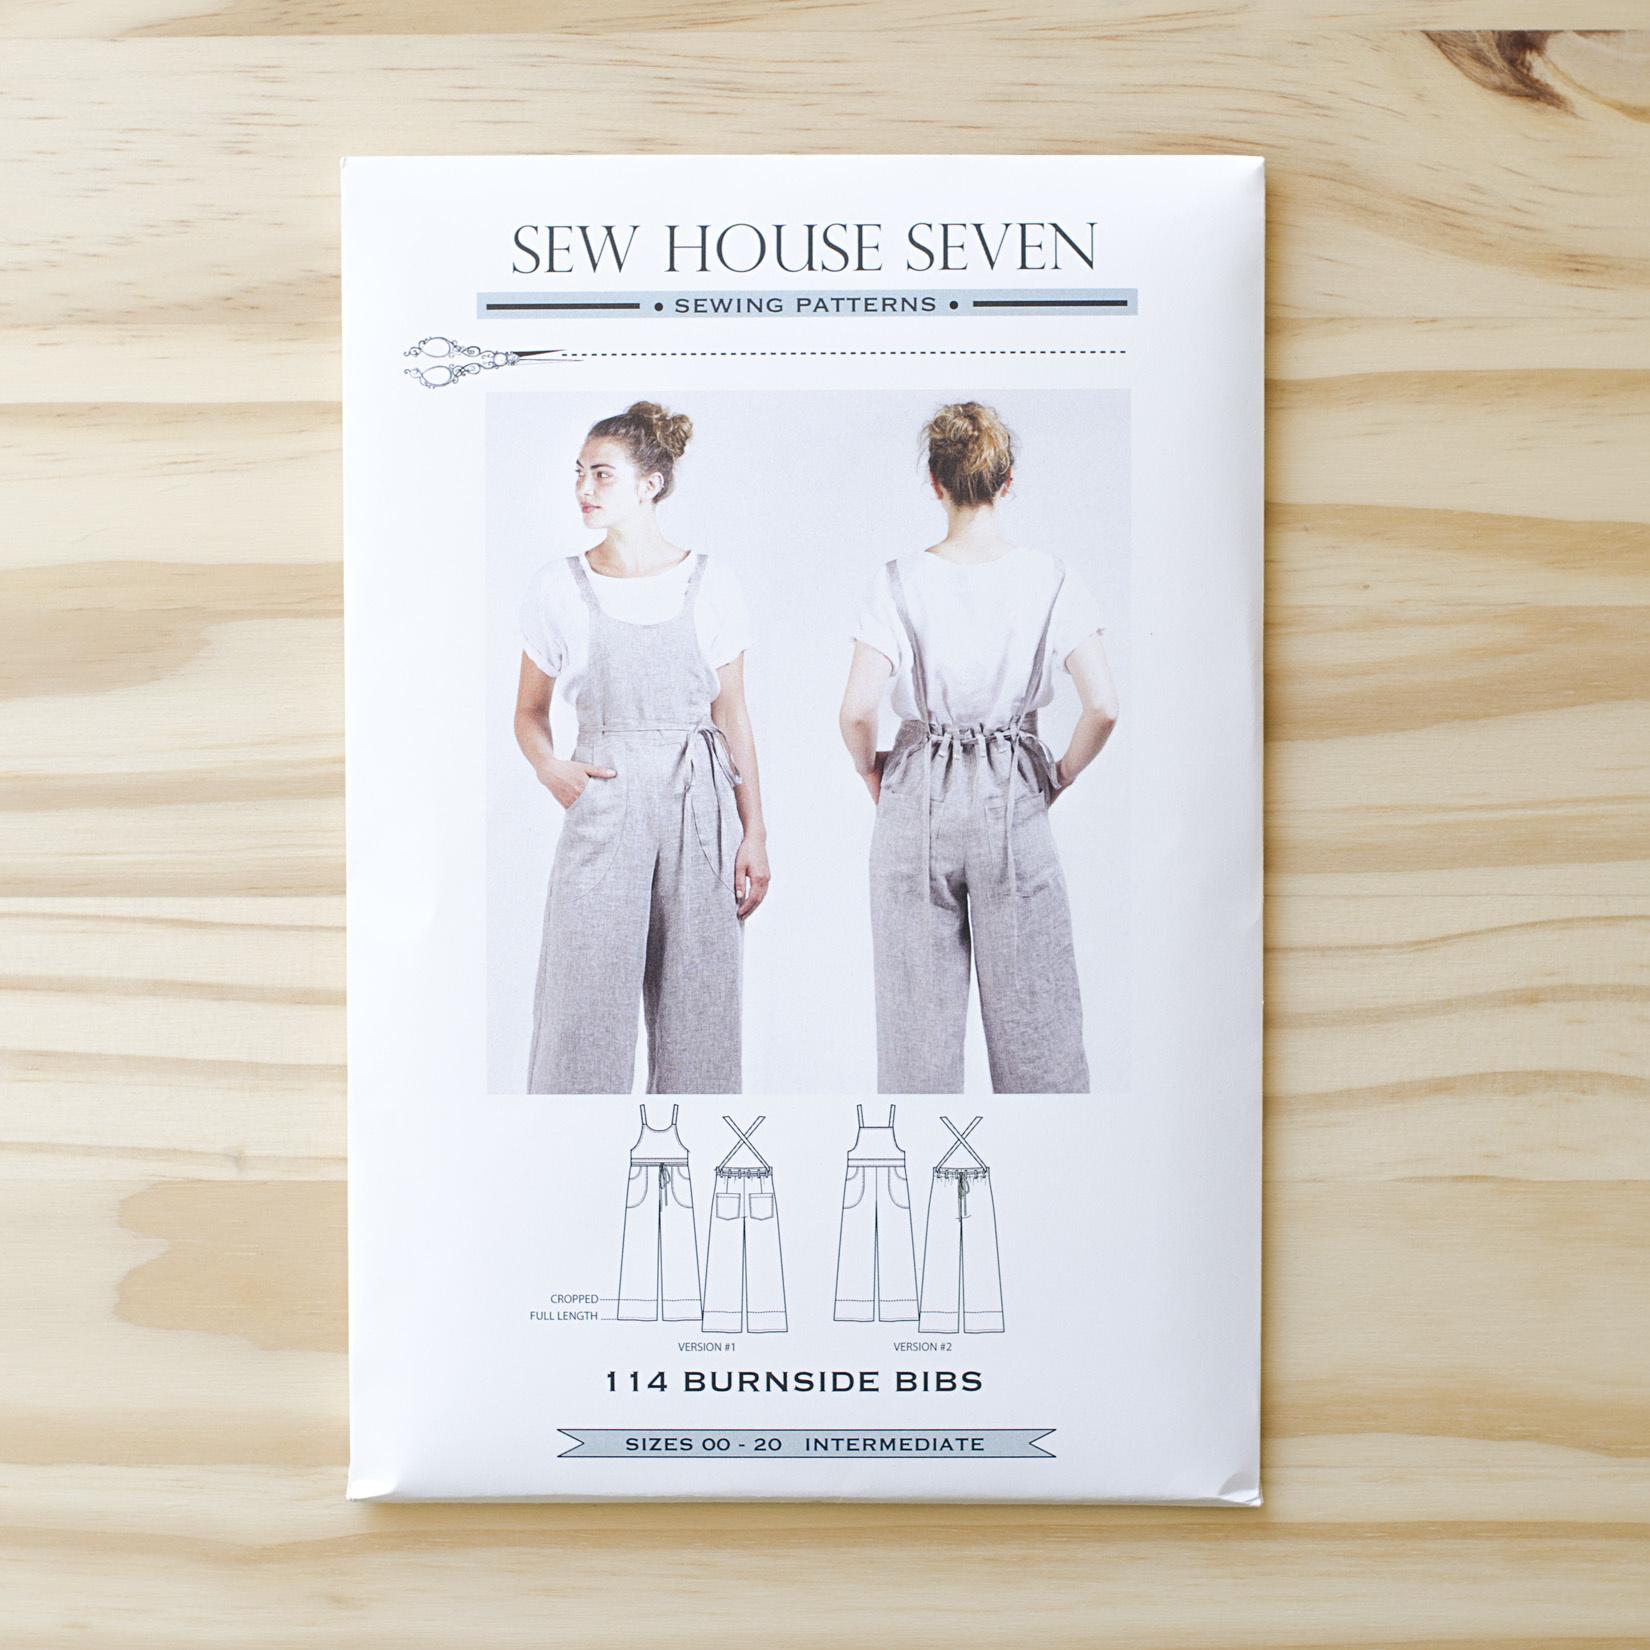 Sew House Seven : Sewing Pattern : Burnside Bibs